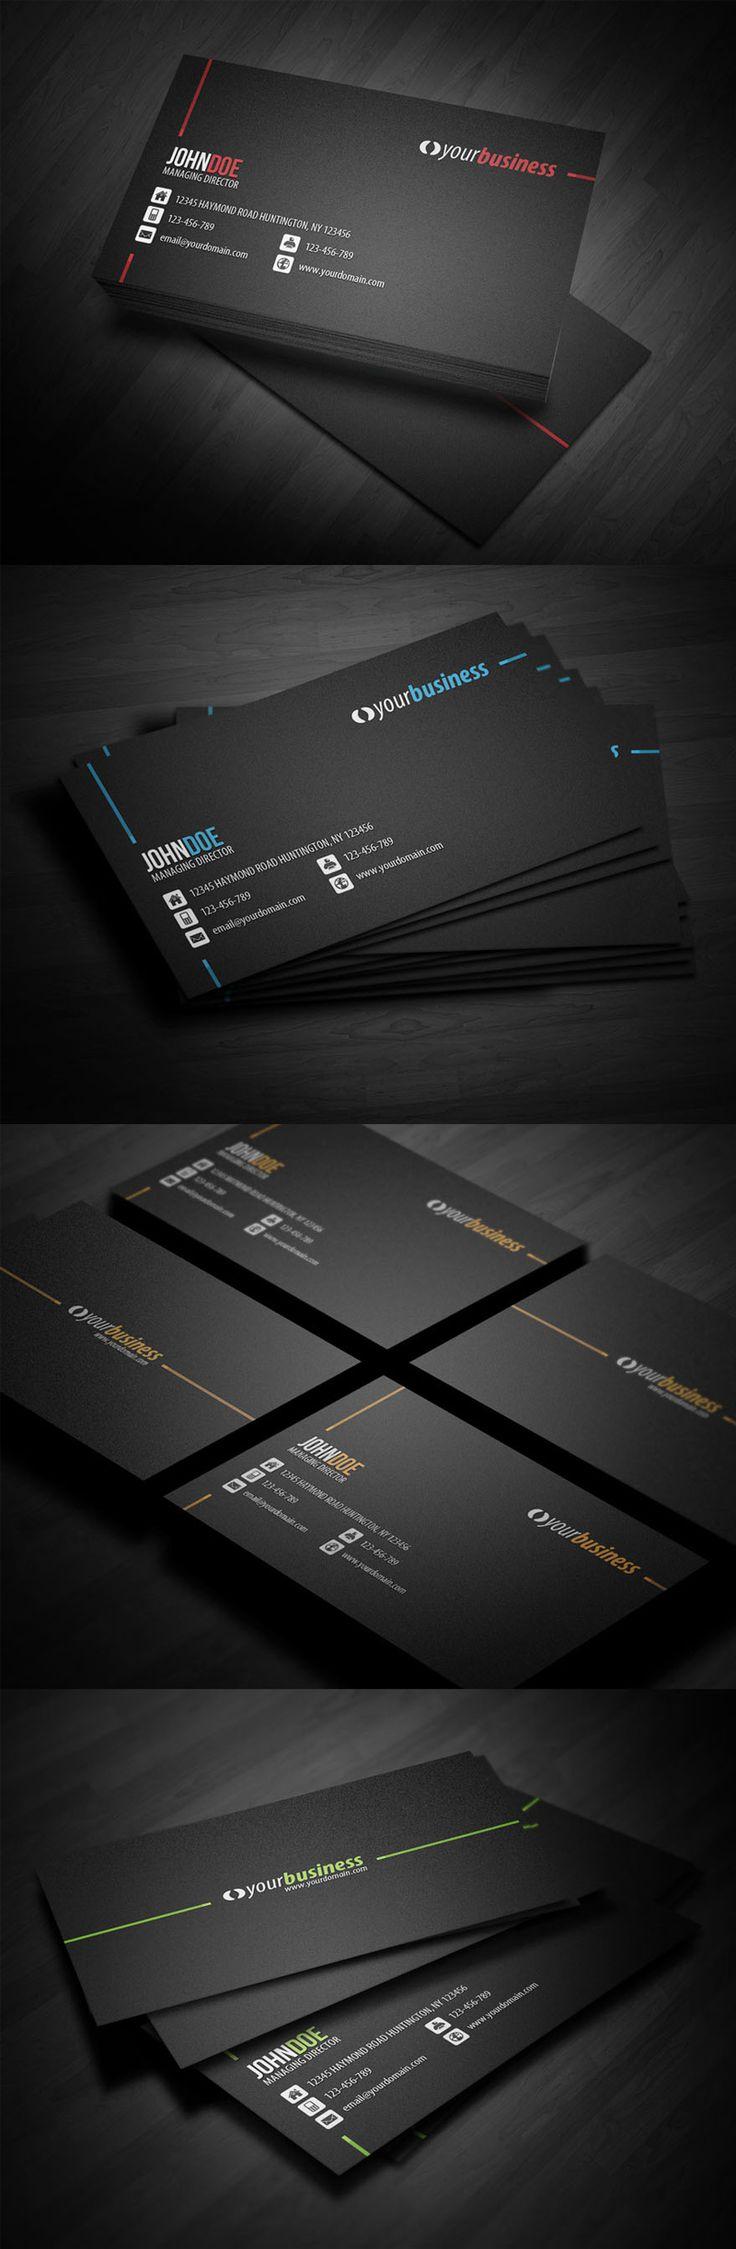 Creative business card design ideas for corporate #BusinessCard #Design